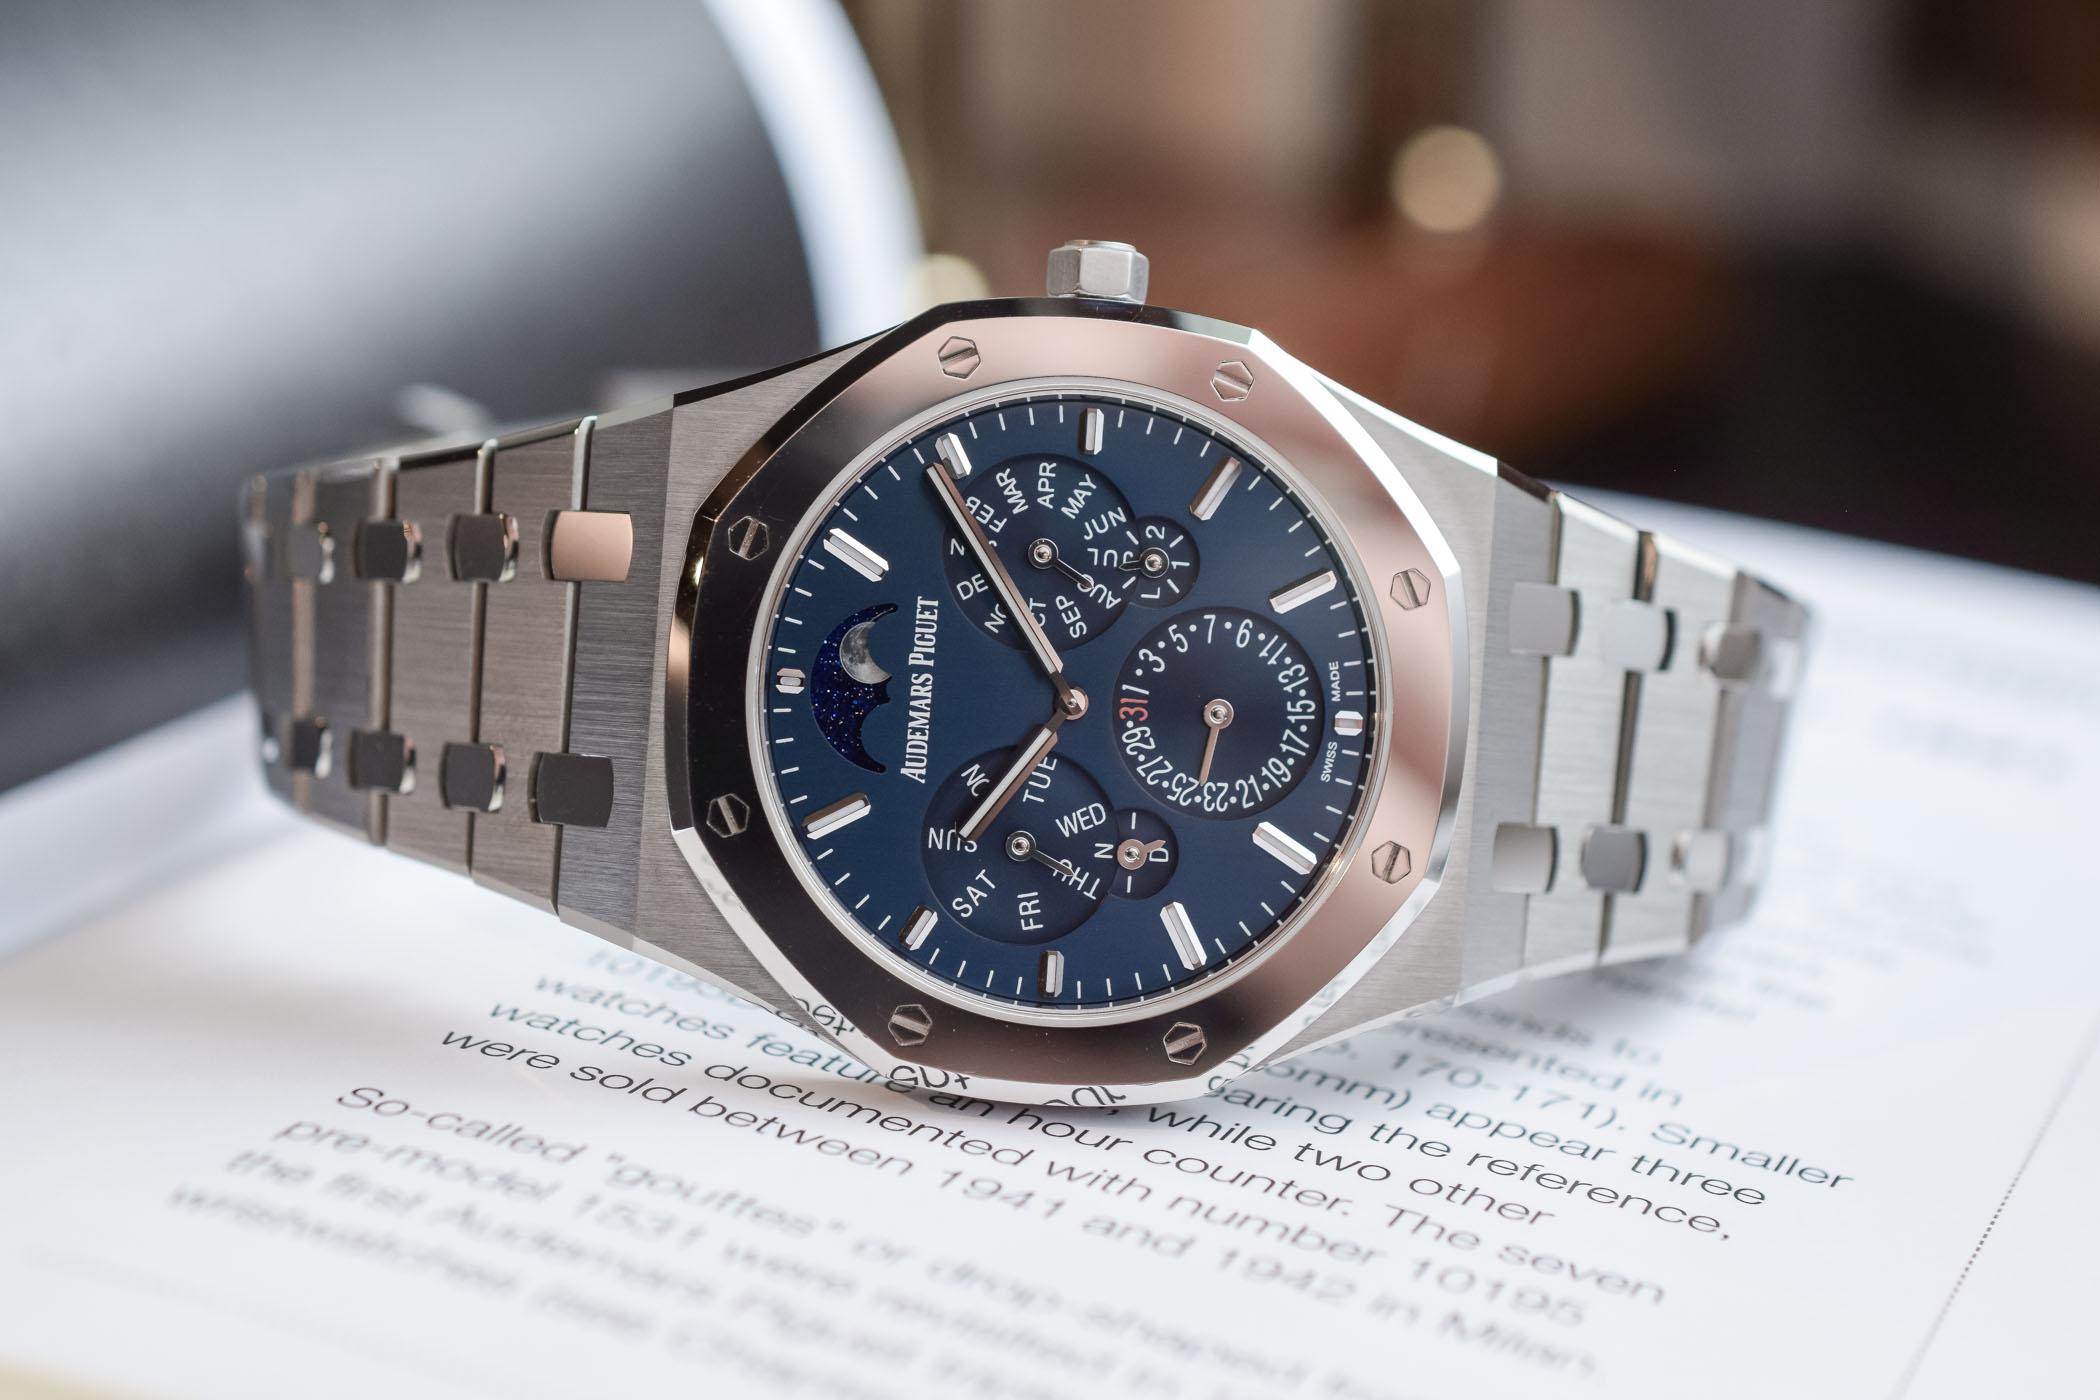 5 chiếc đồng hồ định nghĩa lại thiết kế đồng hồ siêu mỏng